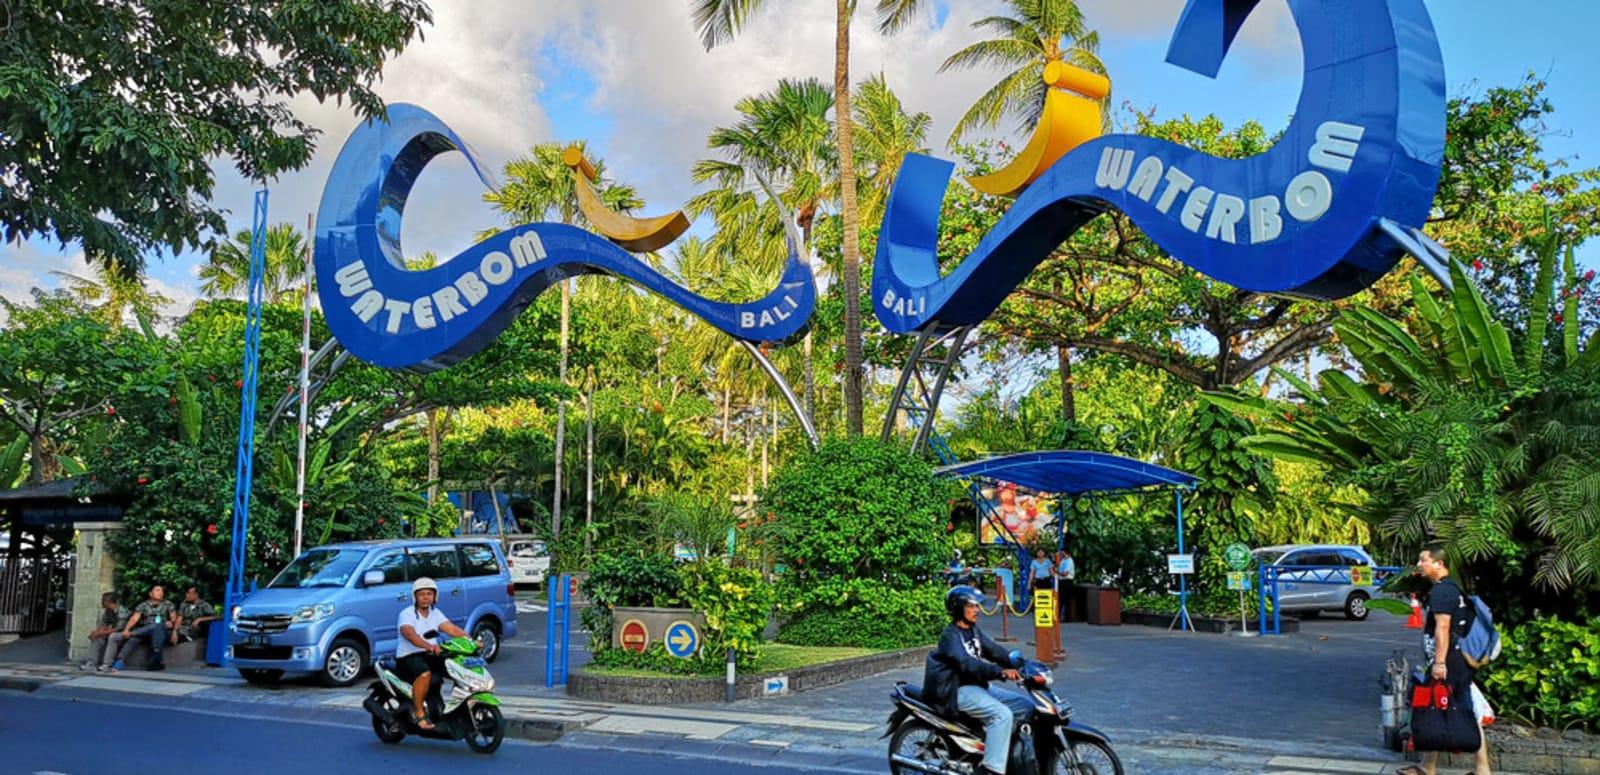 Waterbom Bali Tickets @ Flat 23% Off